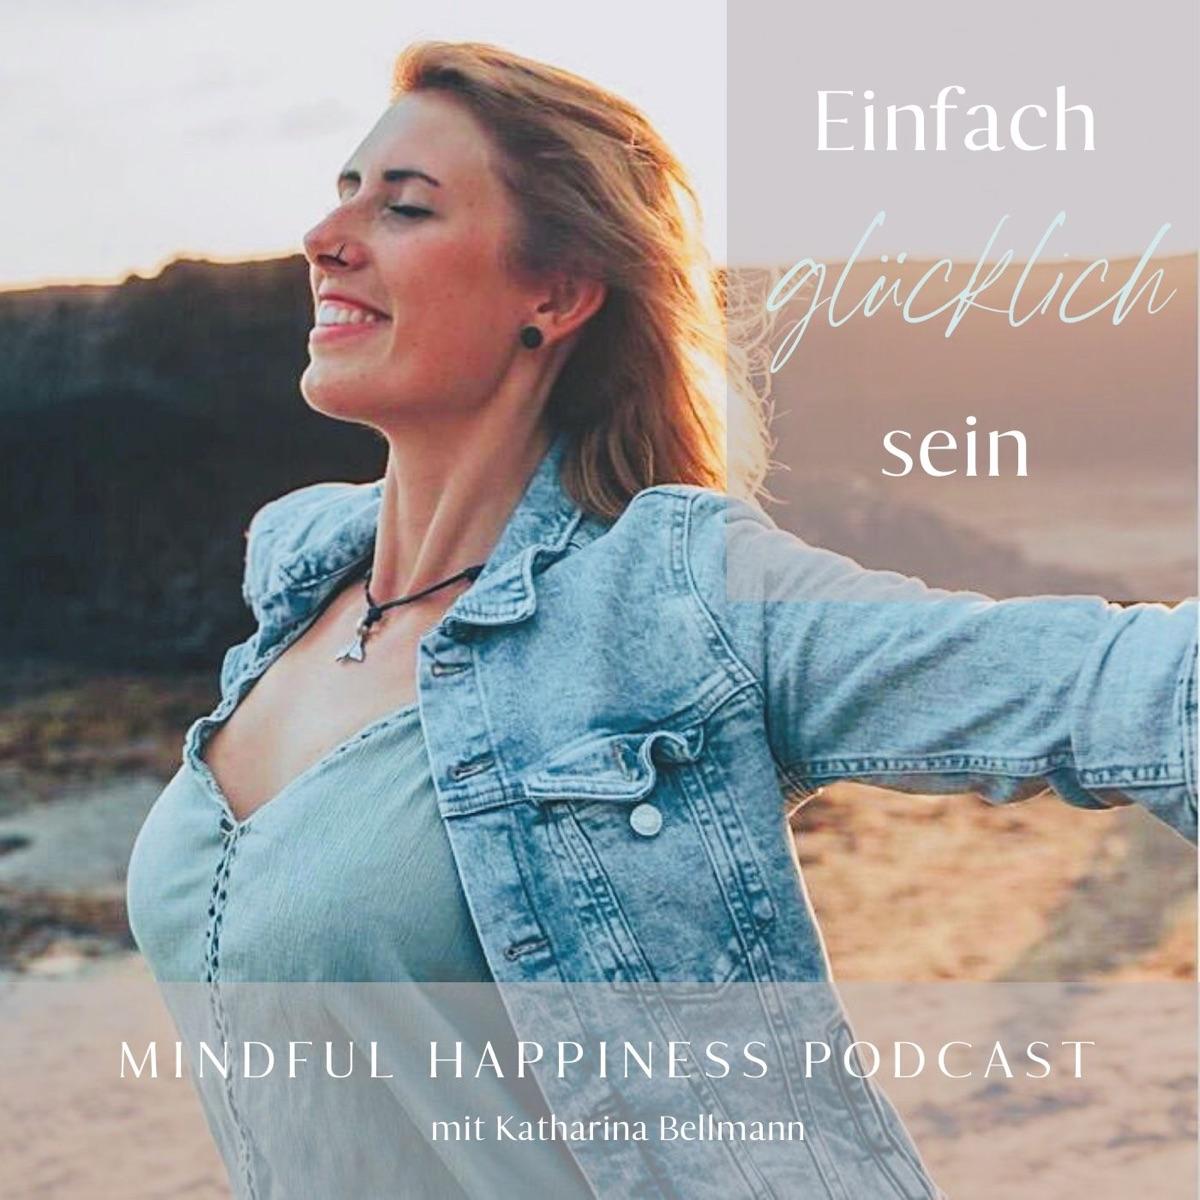 Mindful Happiness I Einfach glücklich sein